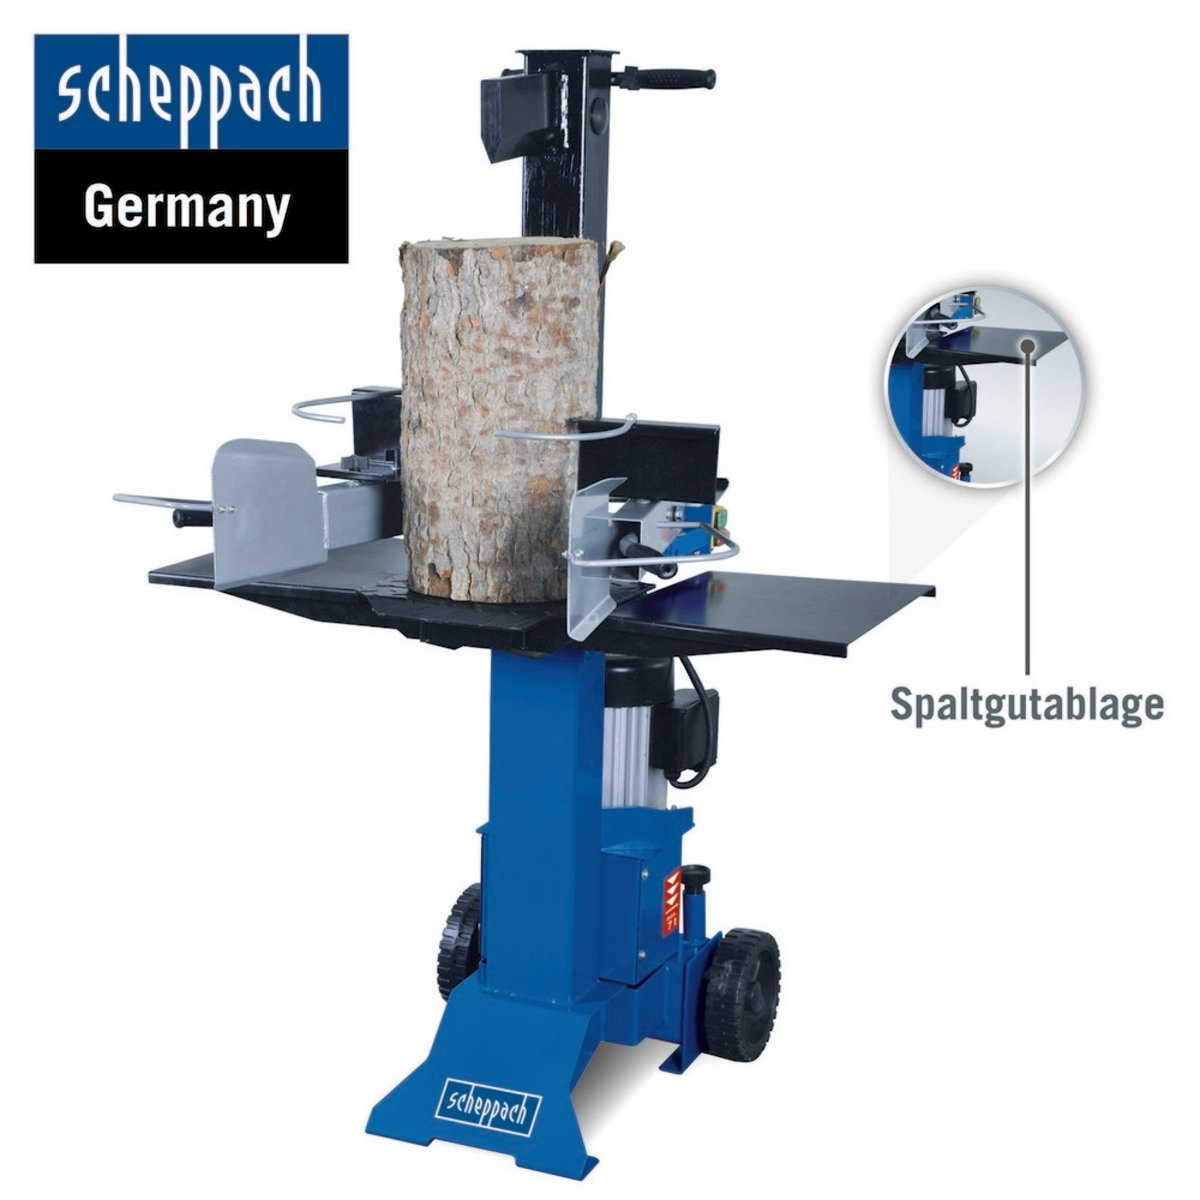 Bild 2 von Scheppach HL730 | 7 T Holzspalter 230 V